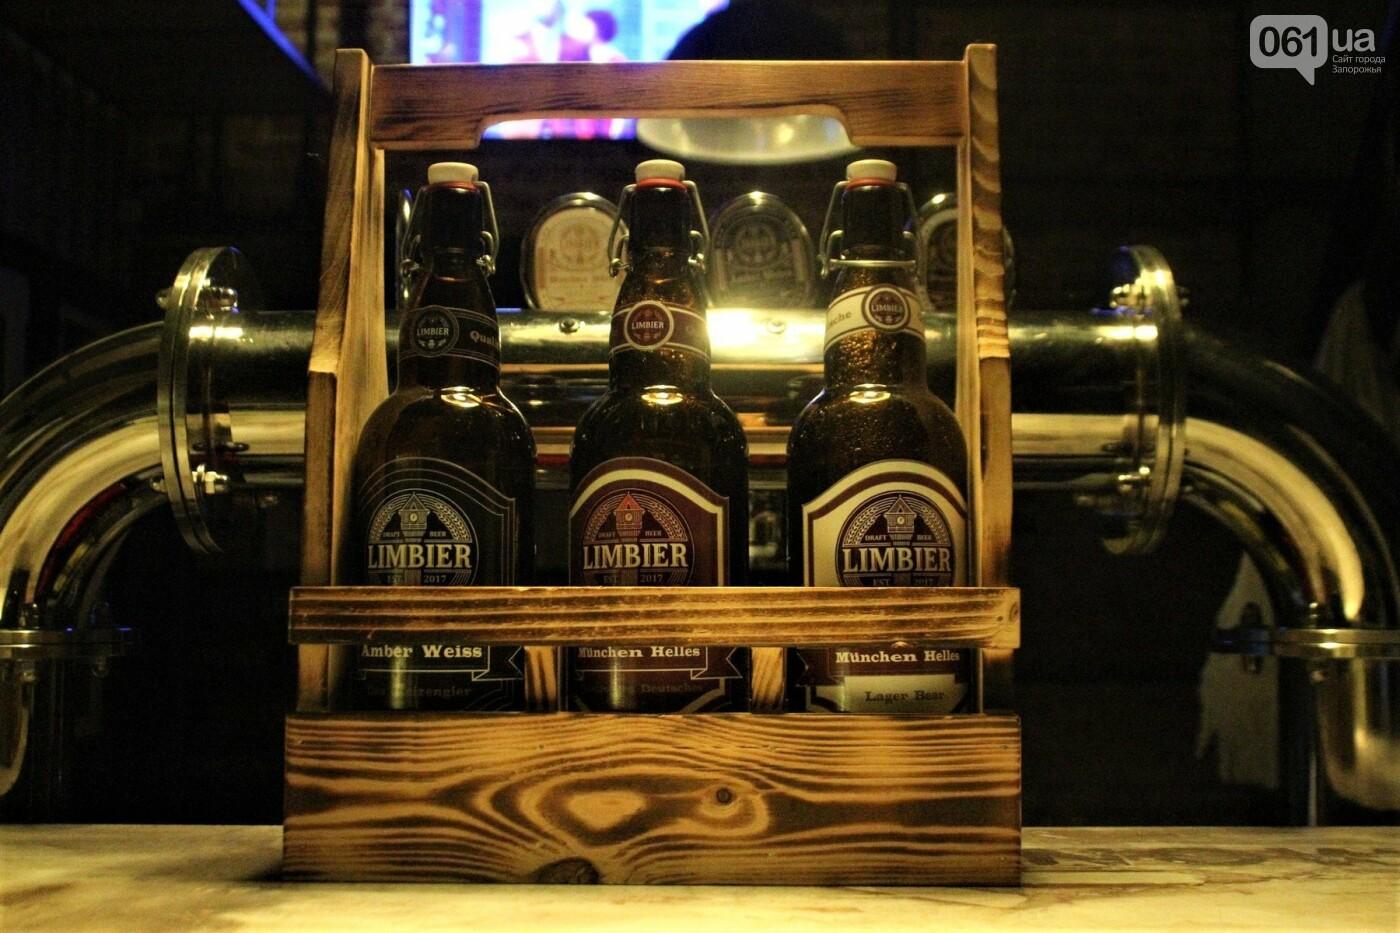 Как в Запорожье готовят крафтовое пиво «Limbier»: экскурсия на производство, – ФОТОРЕПОРТАЖ, фото-22